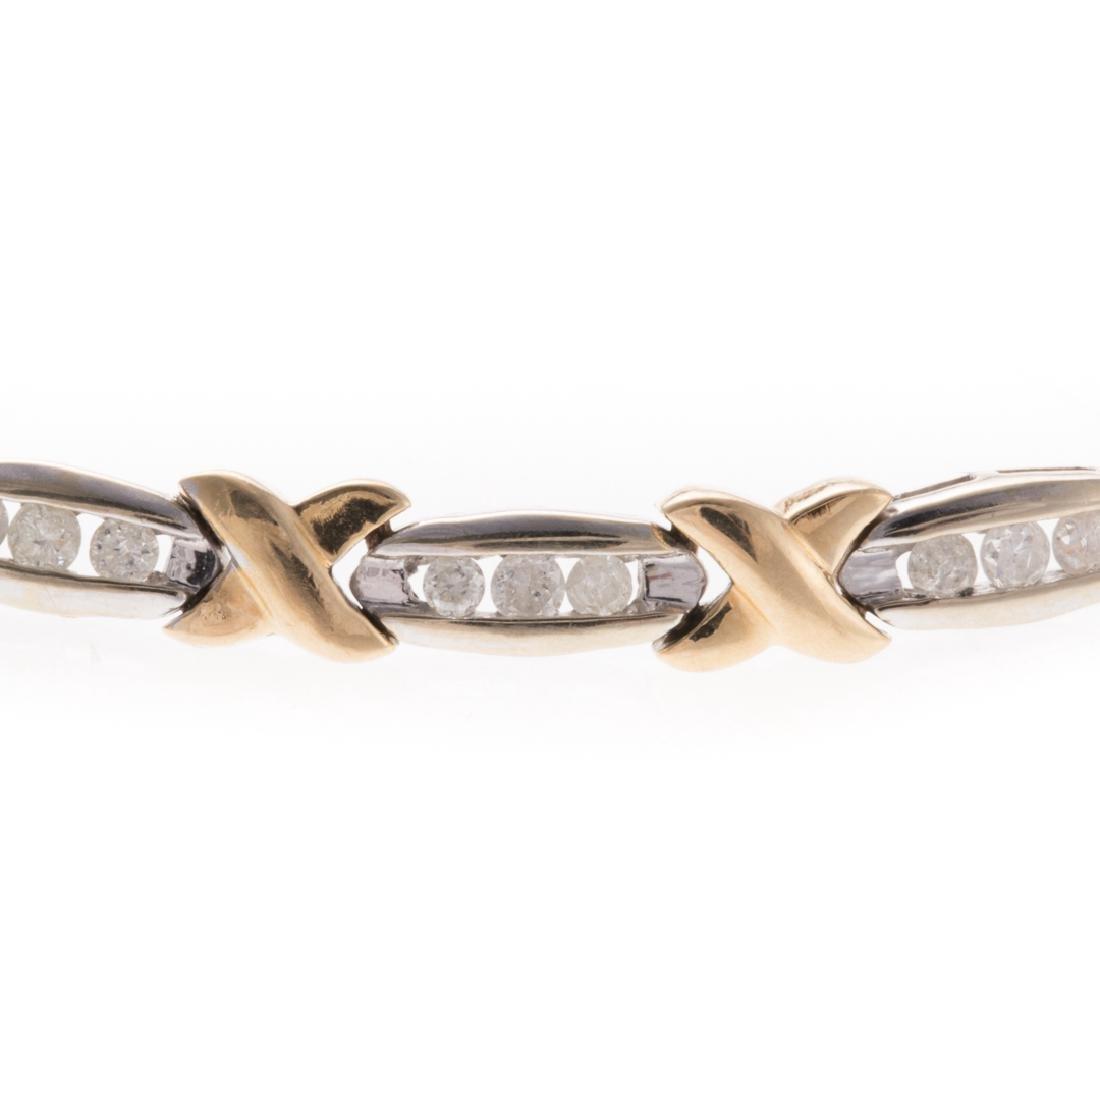 A Lady's Channel Set Diamond X Bracelet in 14K - 2